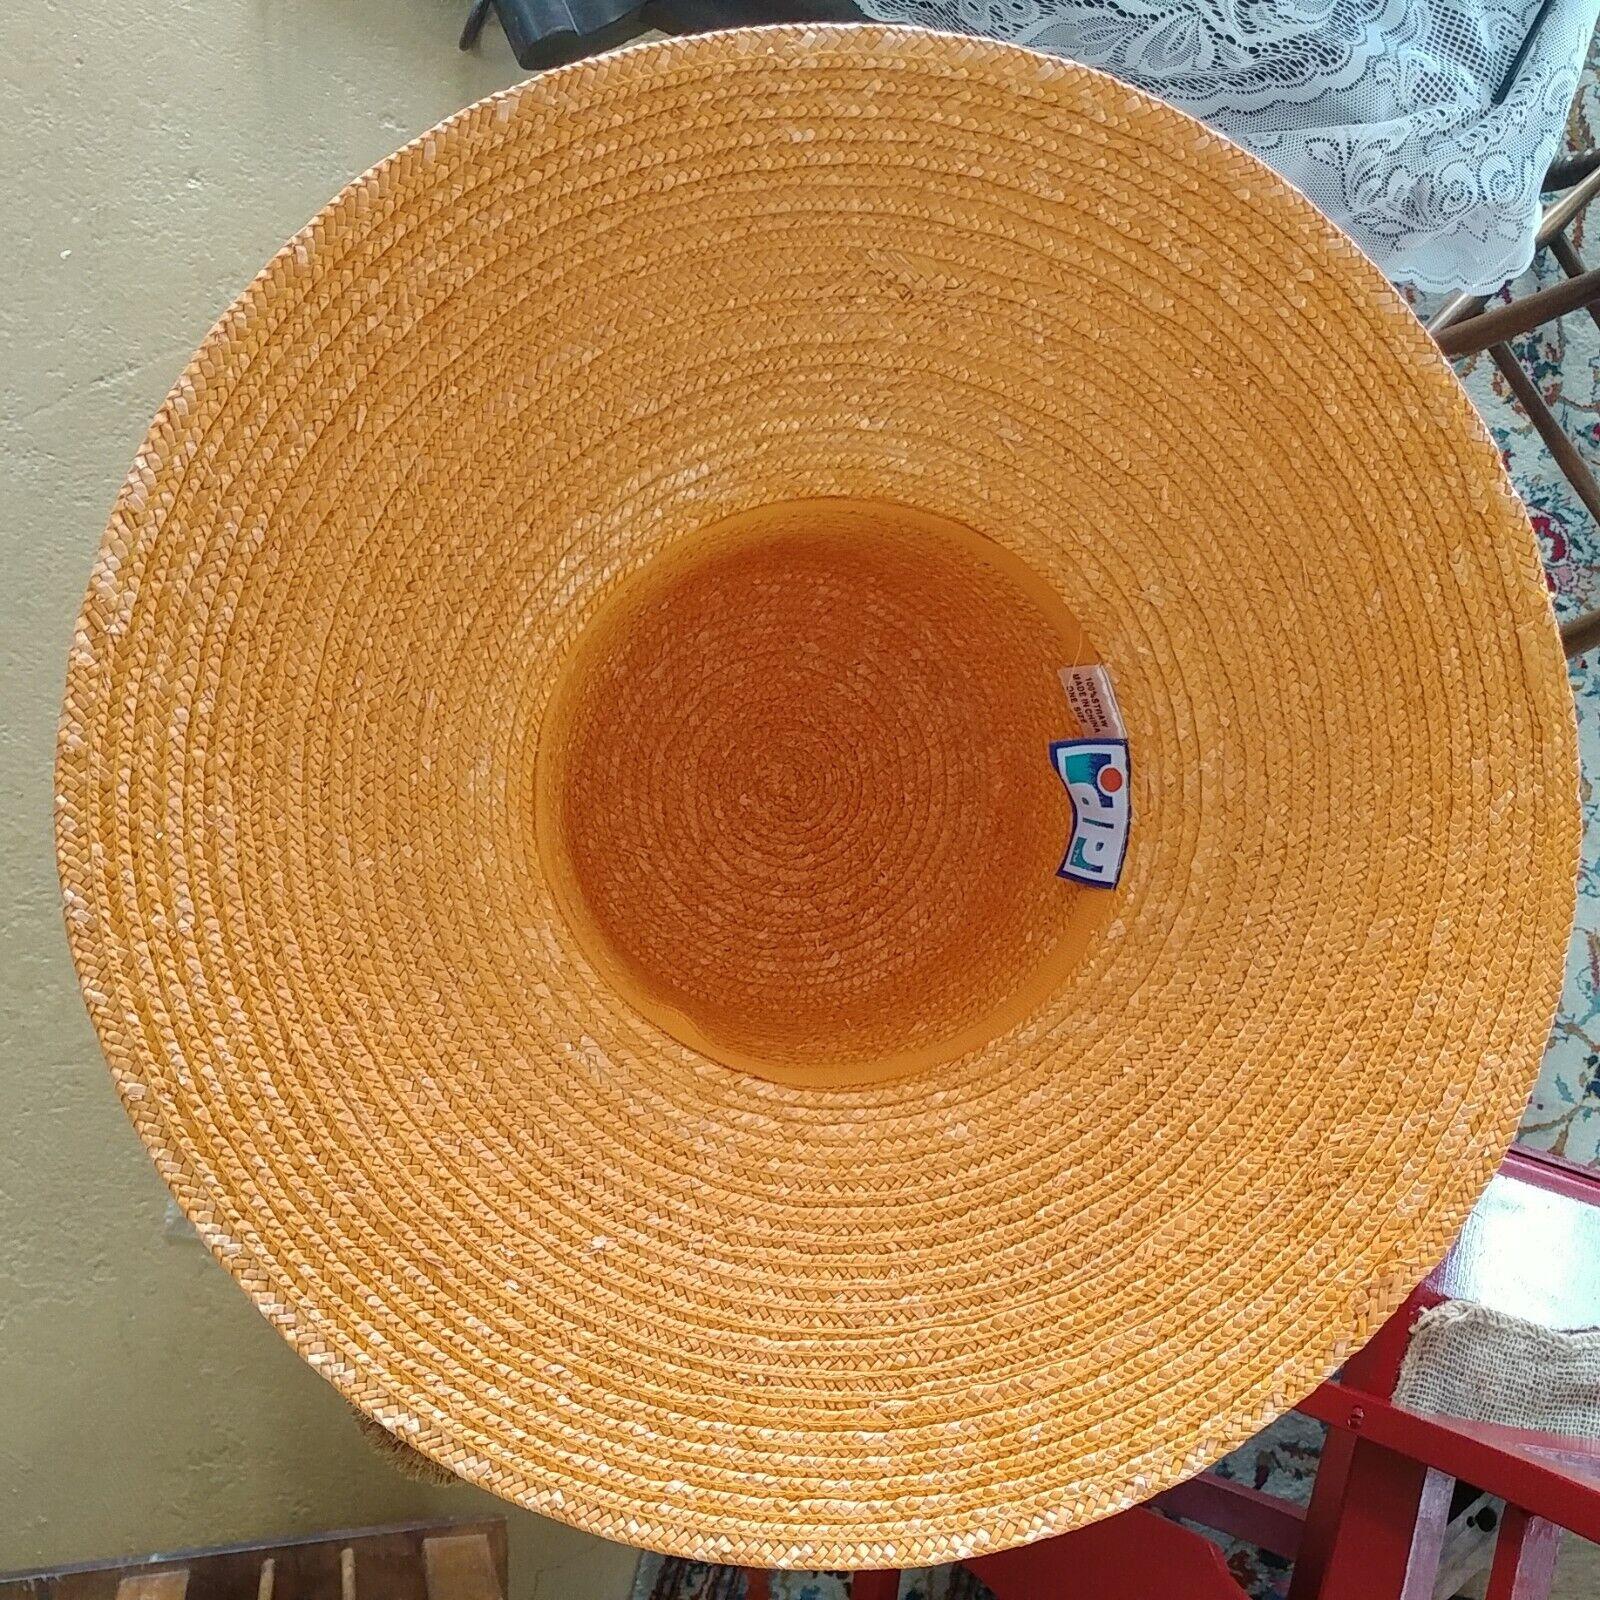 DP Brand Wide Brim Straw Hat - image 4